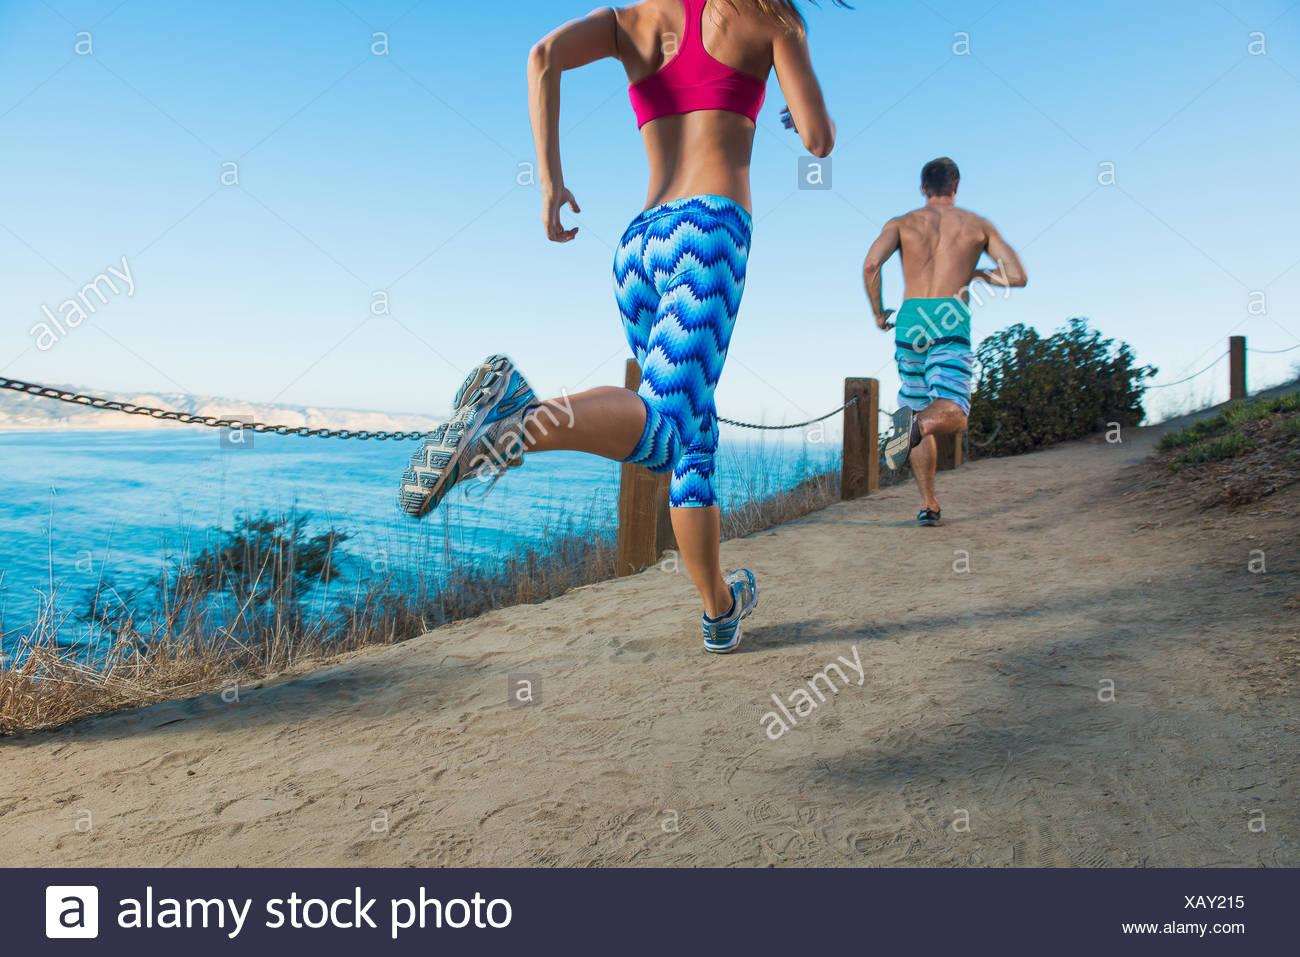 Metà uomo adulto e giovane donna in esecuzione sul percorso dal mare, vista posteriore Immagini Stock